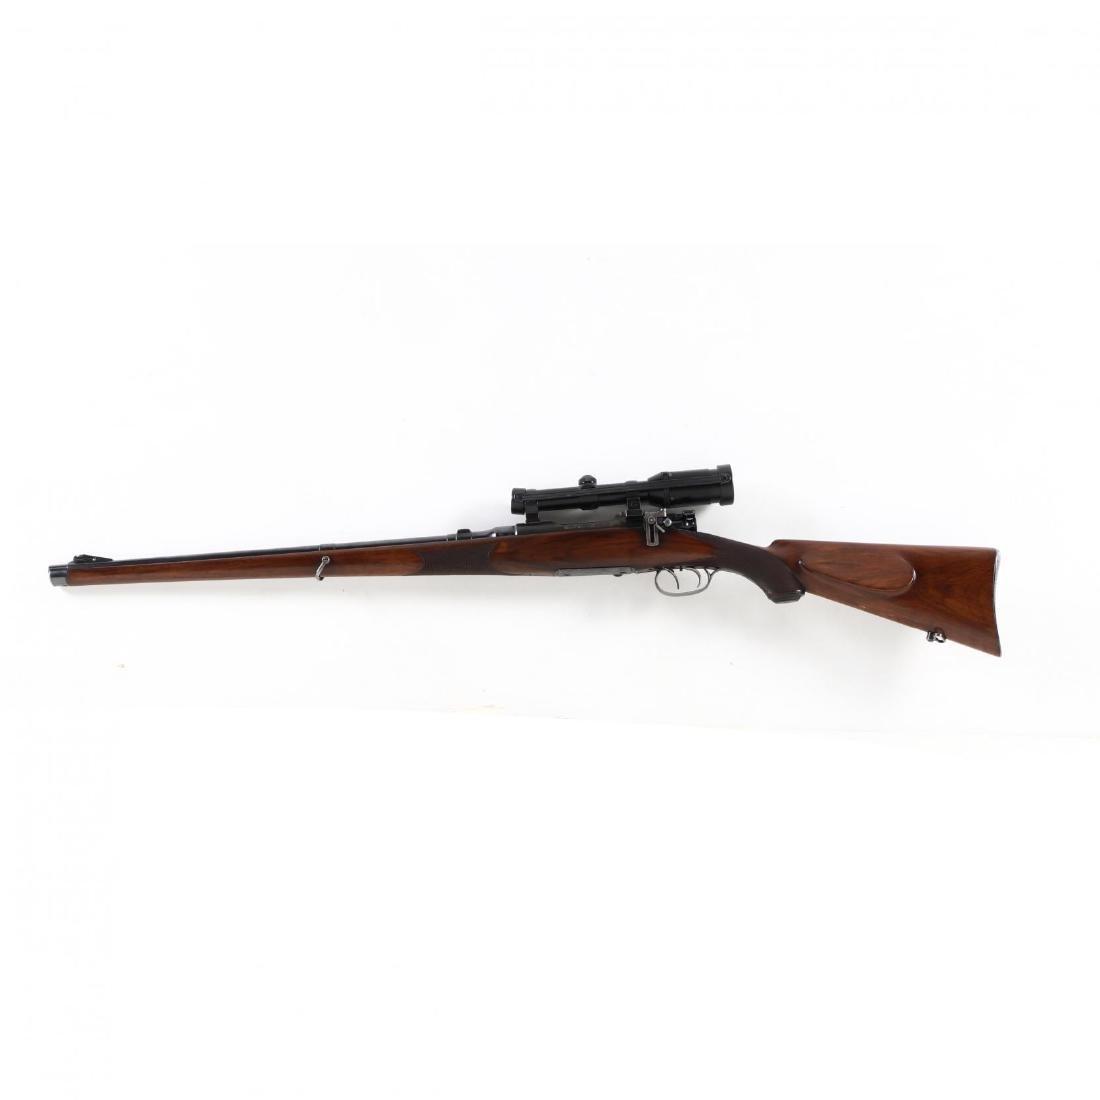 Steyr Mannlicher Schoenauer Sporting Rifle - 6